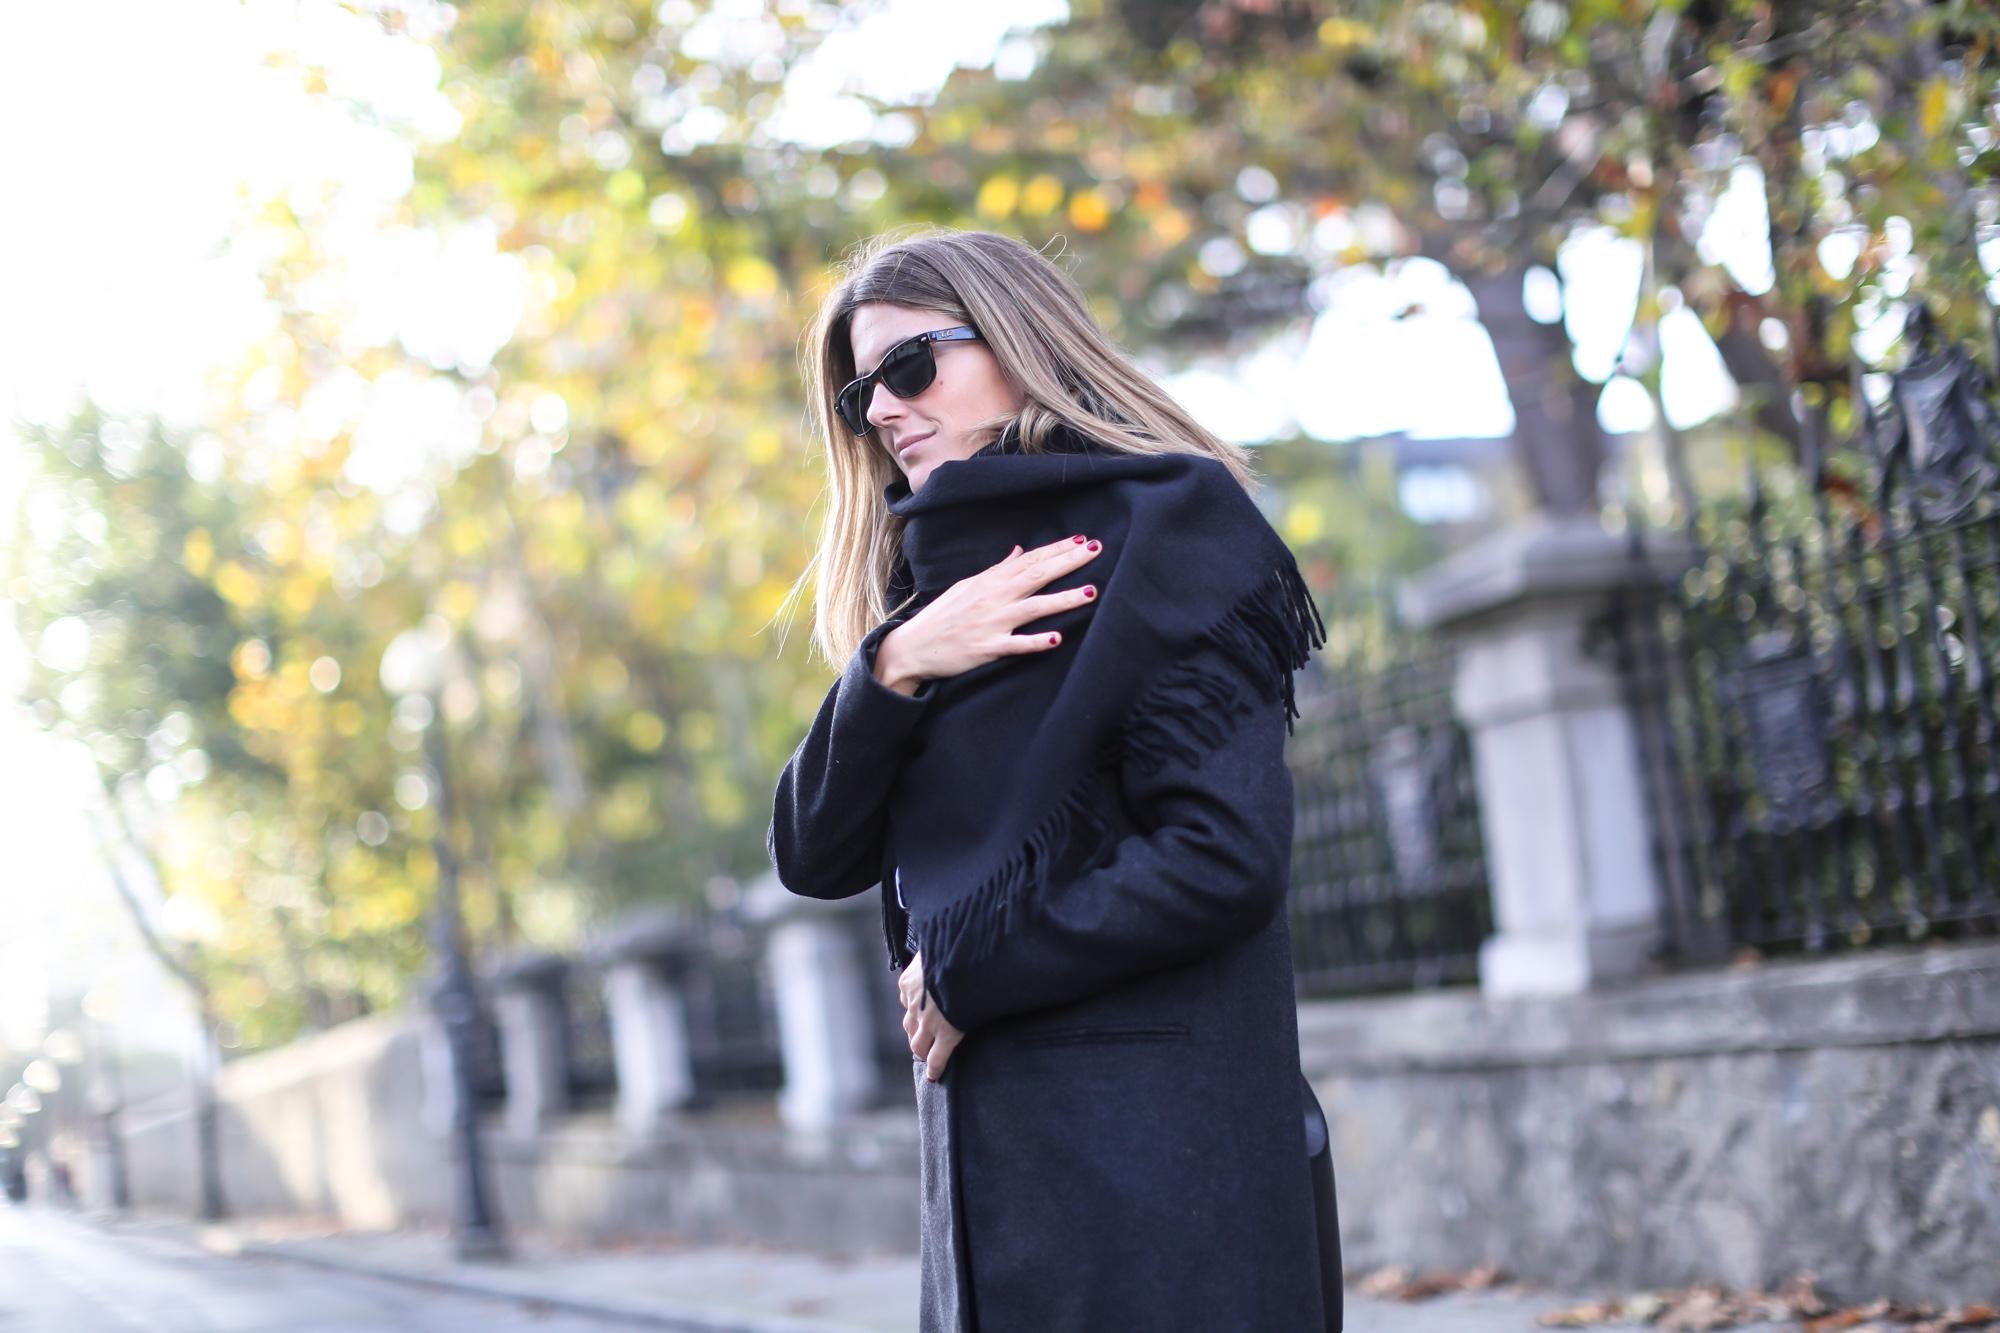 Clochet_streetstyle_eseoese_wool_grey_tailored-coat_mansur_gavriel_bucket_bag-8